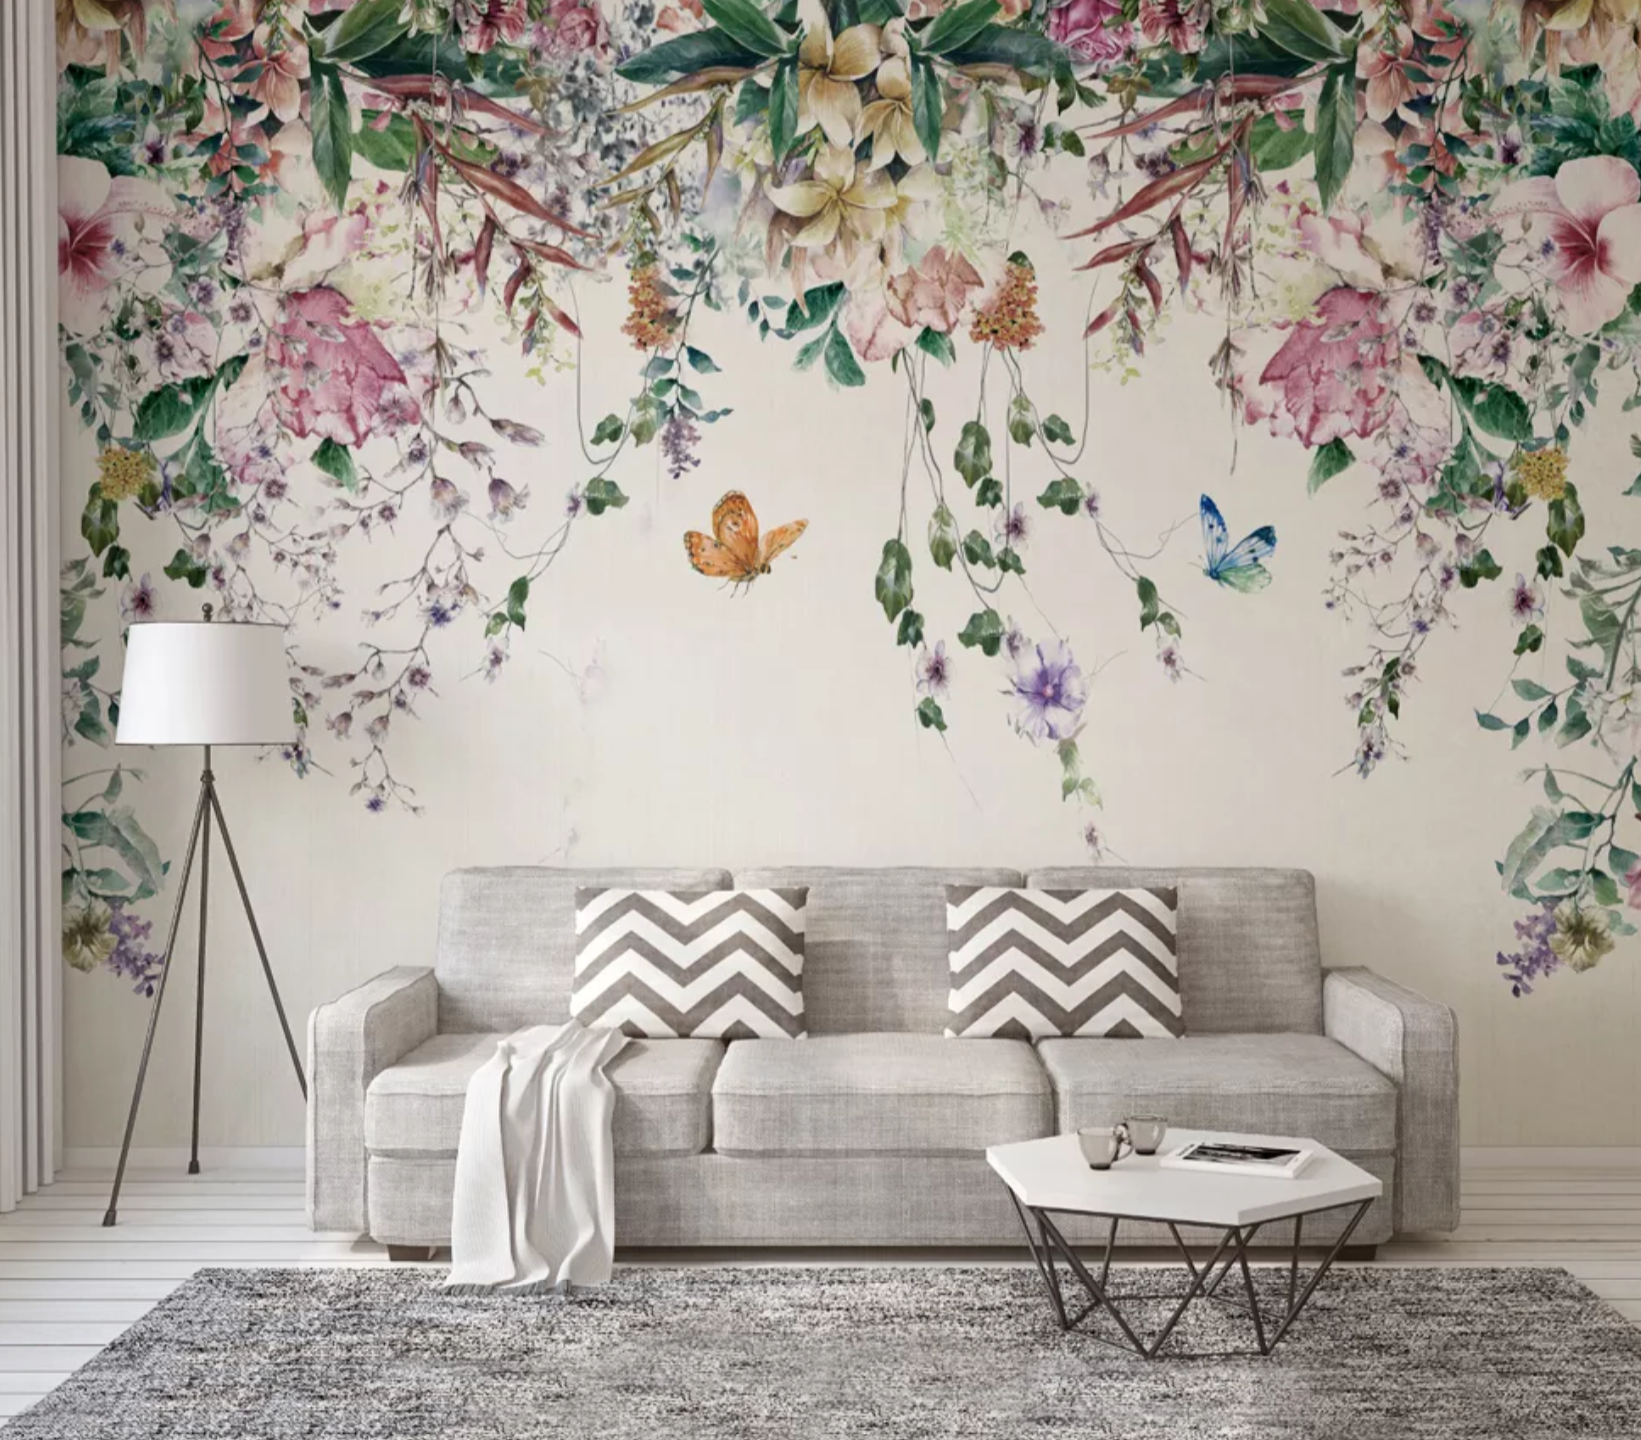 Papier Peint Panoramique Sur Mesure Page 1 Muralconcept Floral Wallpaper Bedroom Modern Wall Mur Floral Wallpaper Bedroom Room Wallpaper Wall Wallpaper